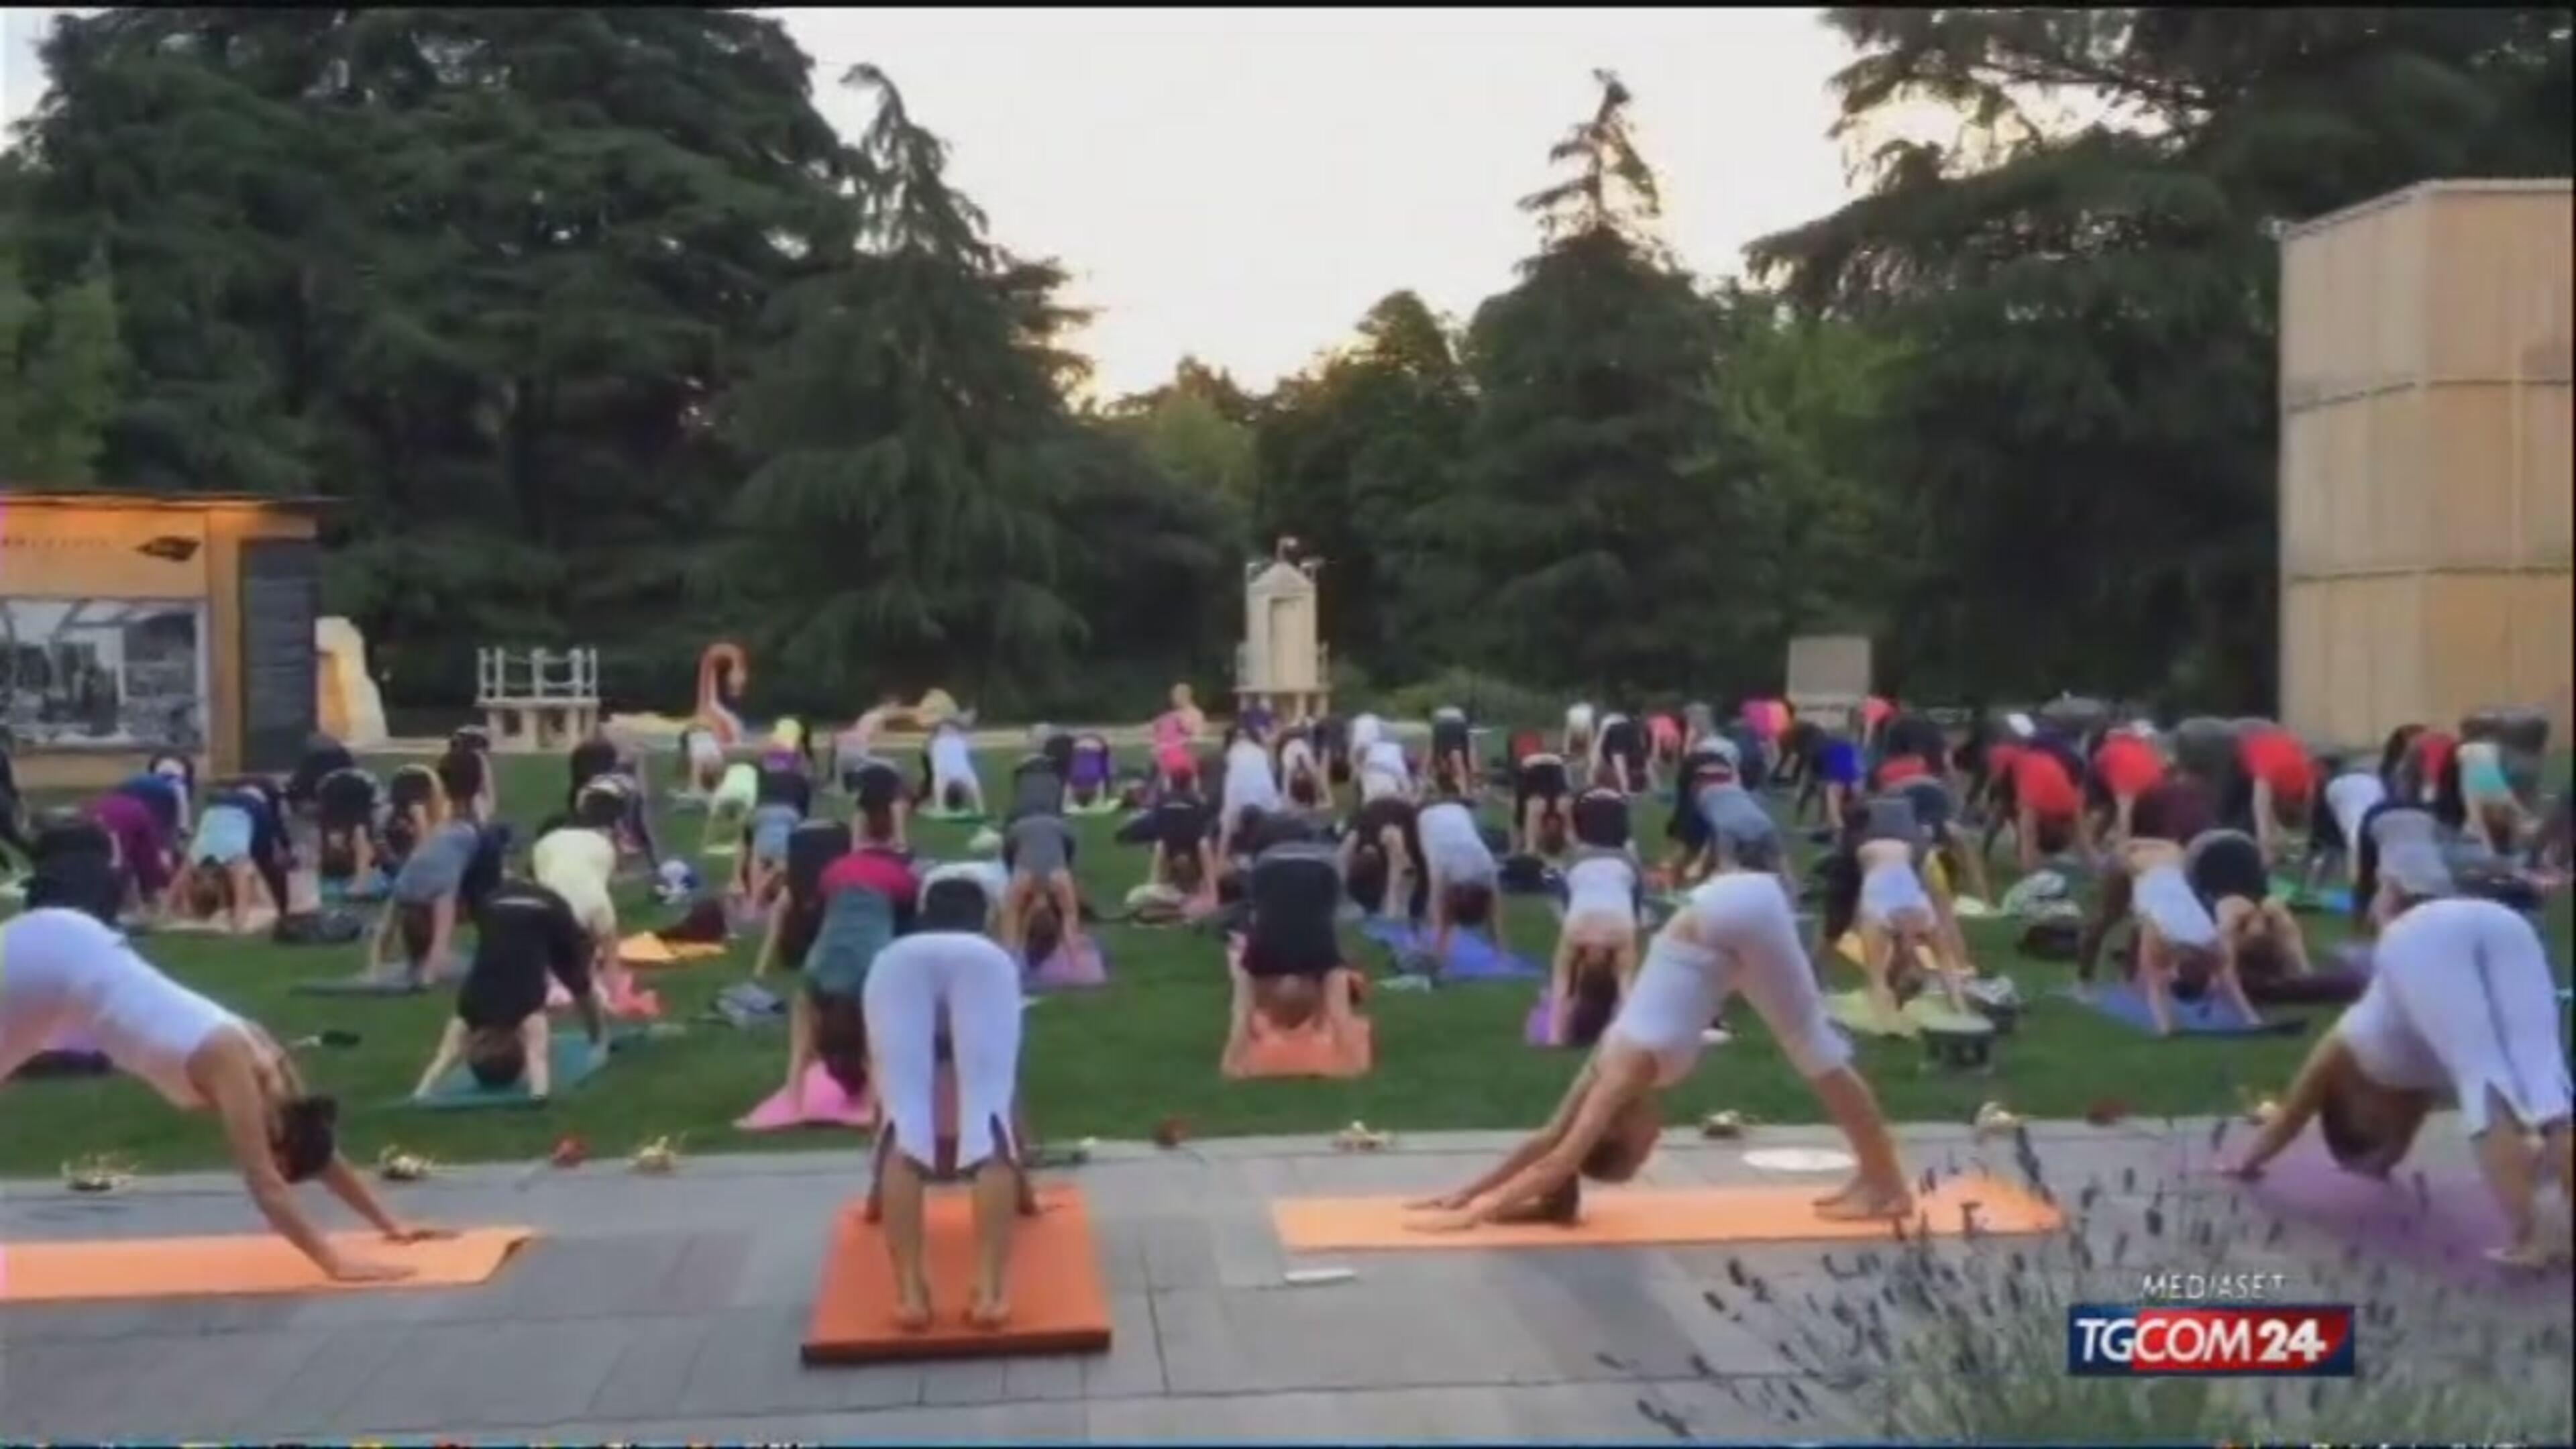 E' la giornata mondiale dello yoga